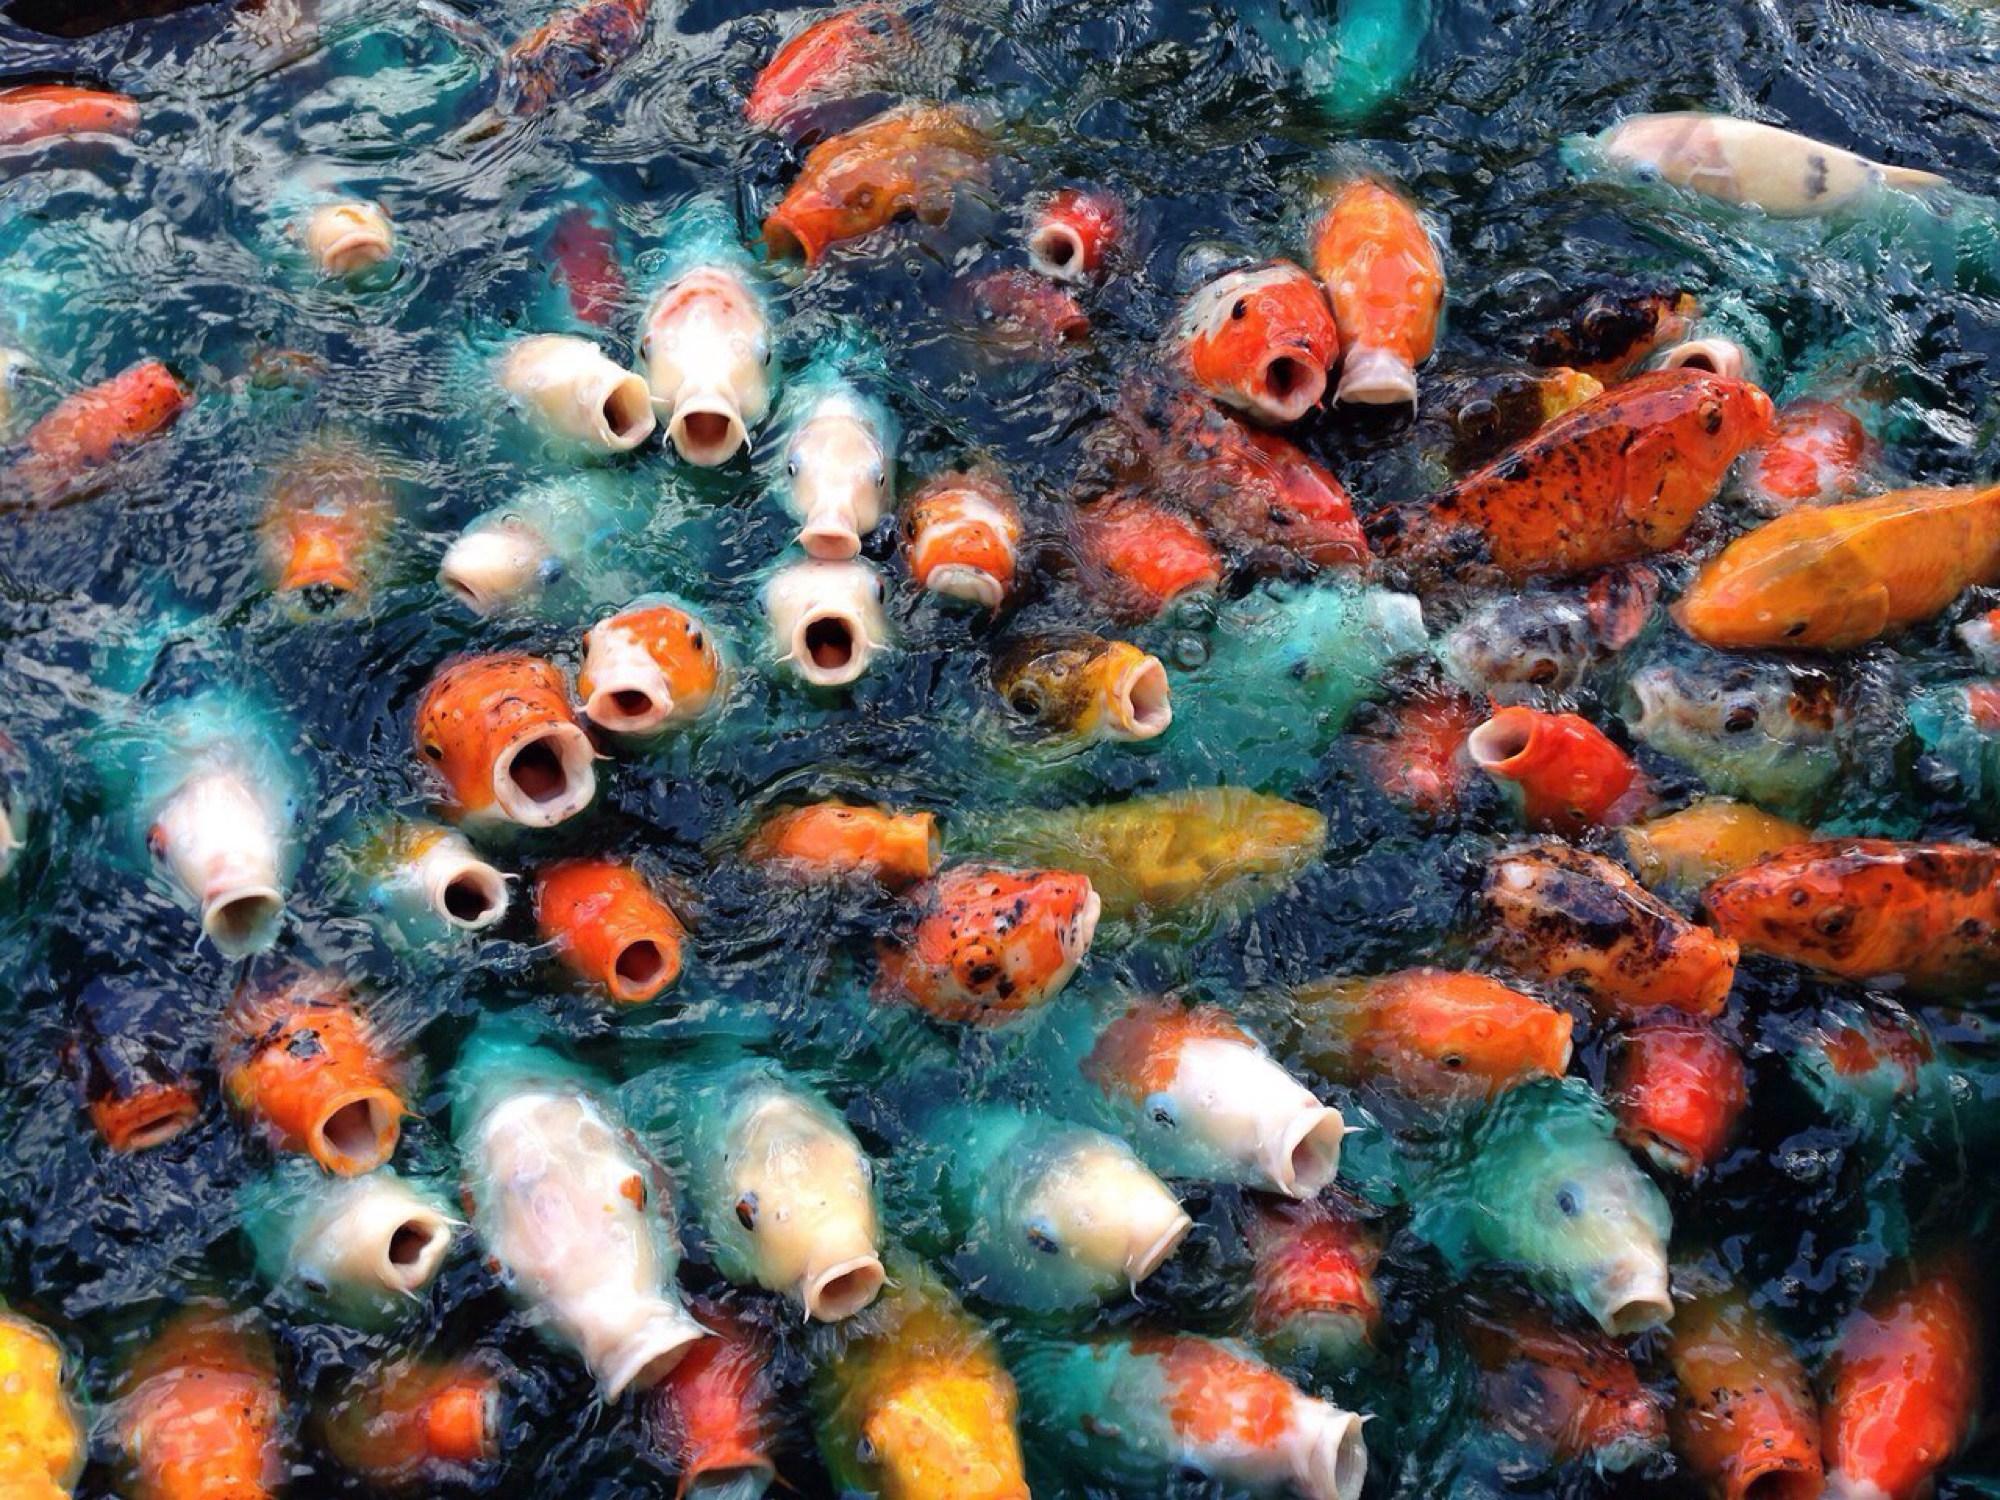 Hình nền cá chép ngoi lên mặt nước